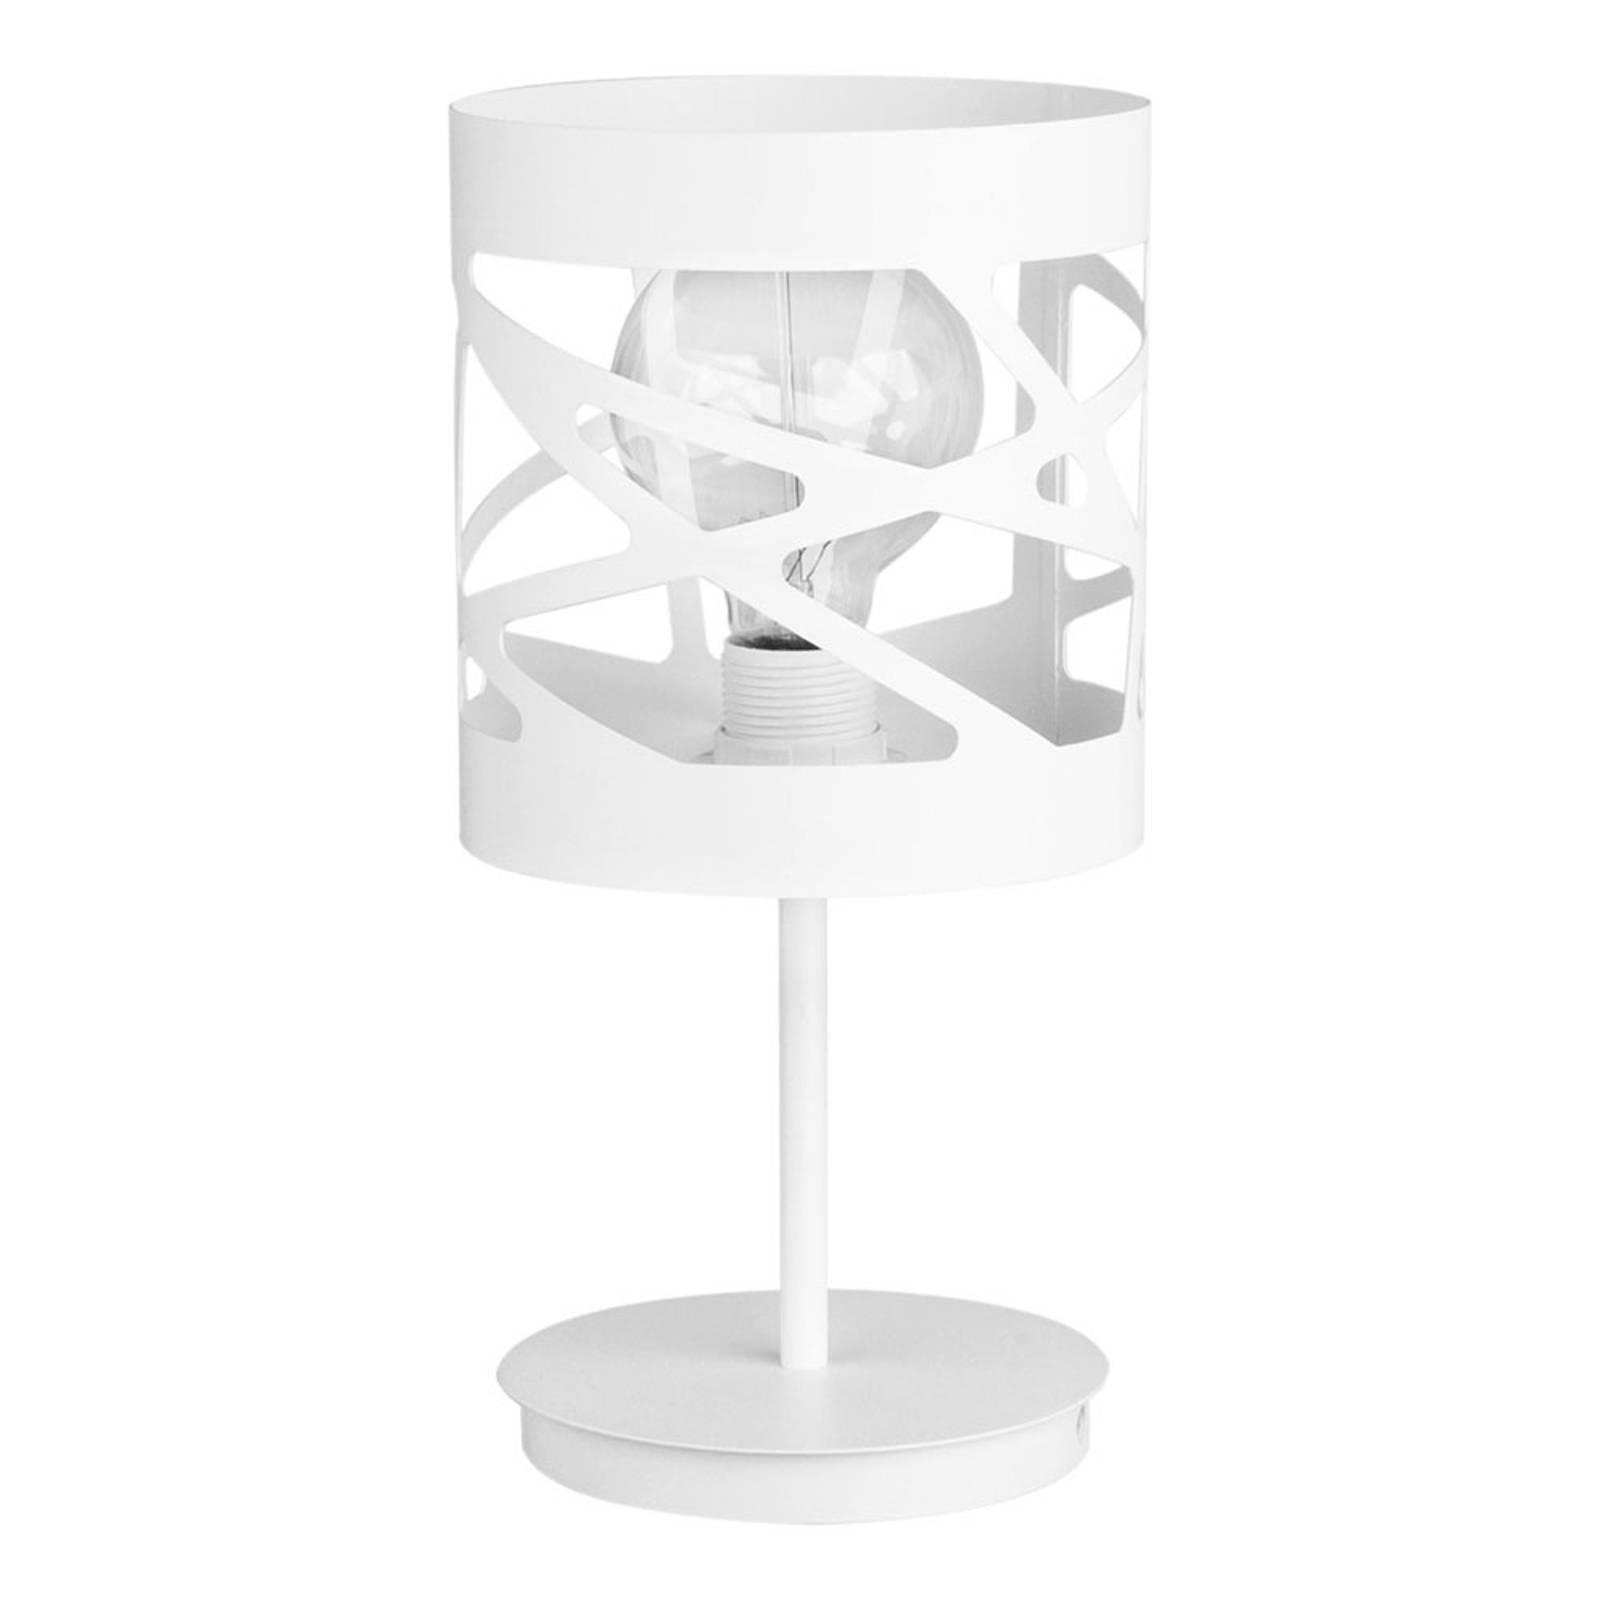 Pöytälamppu Modul Frez, kuviovarjostin Ø 17,5 cm